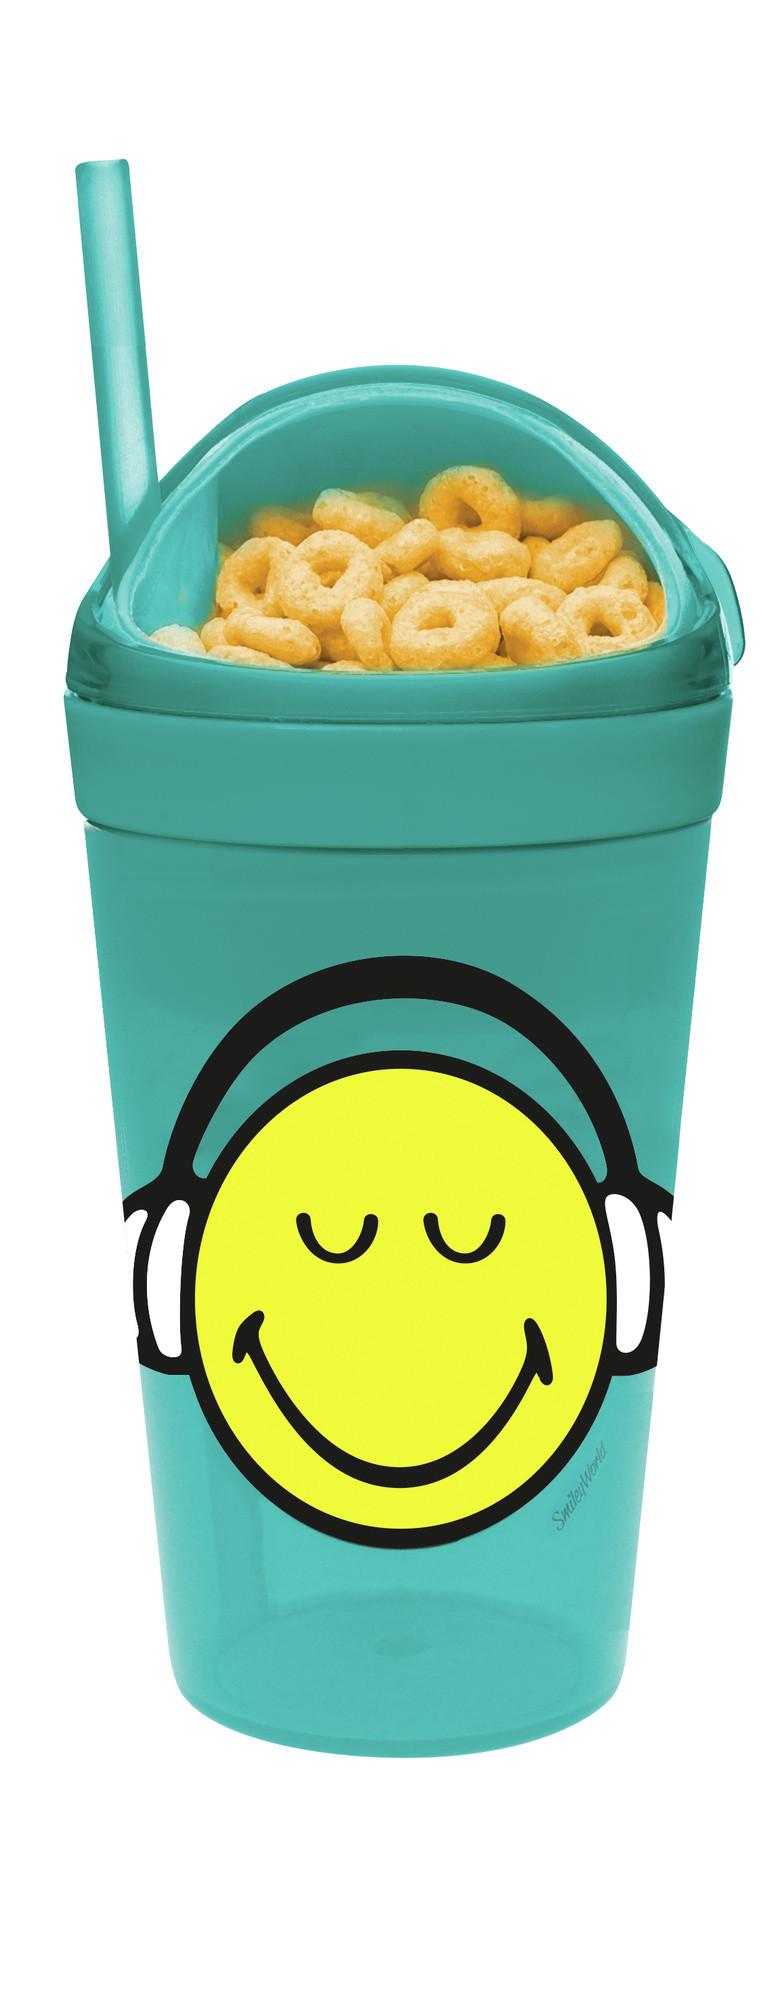 SMILEY - Mug avec compartiment goûter et paille